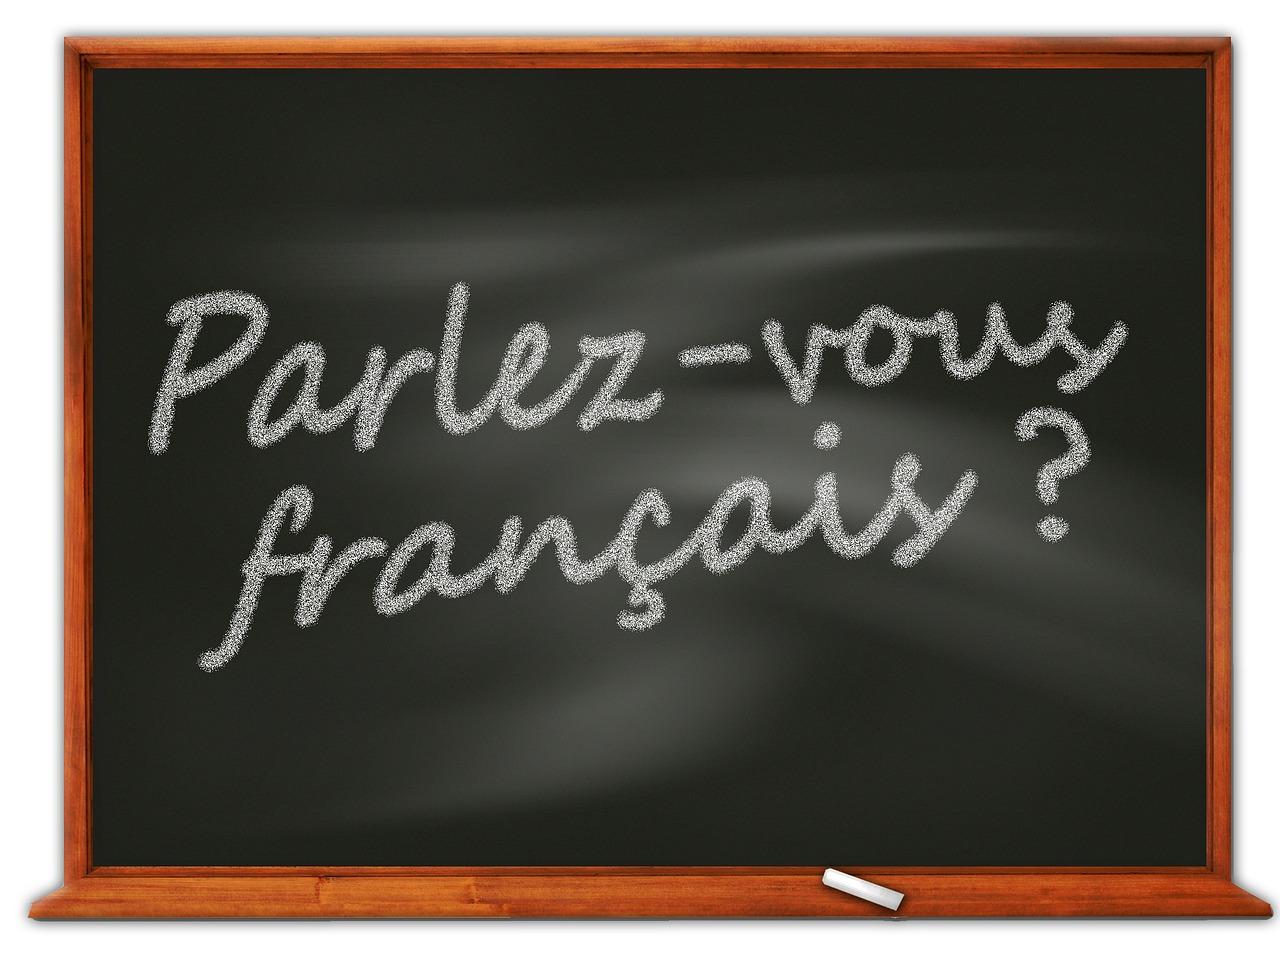 Profesjonalna szkoła języków obcych – szkoła języka francuskiego Warszawa. Dobra szkoła językowa